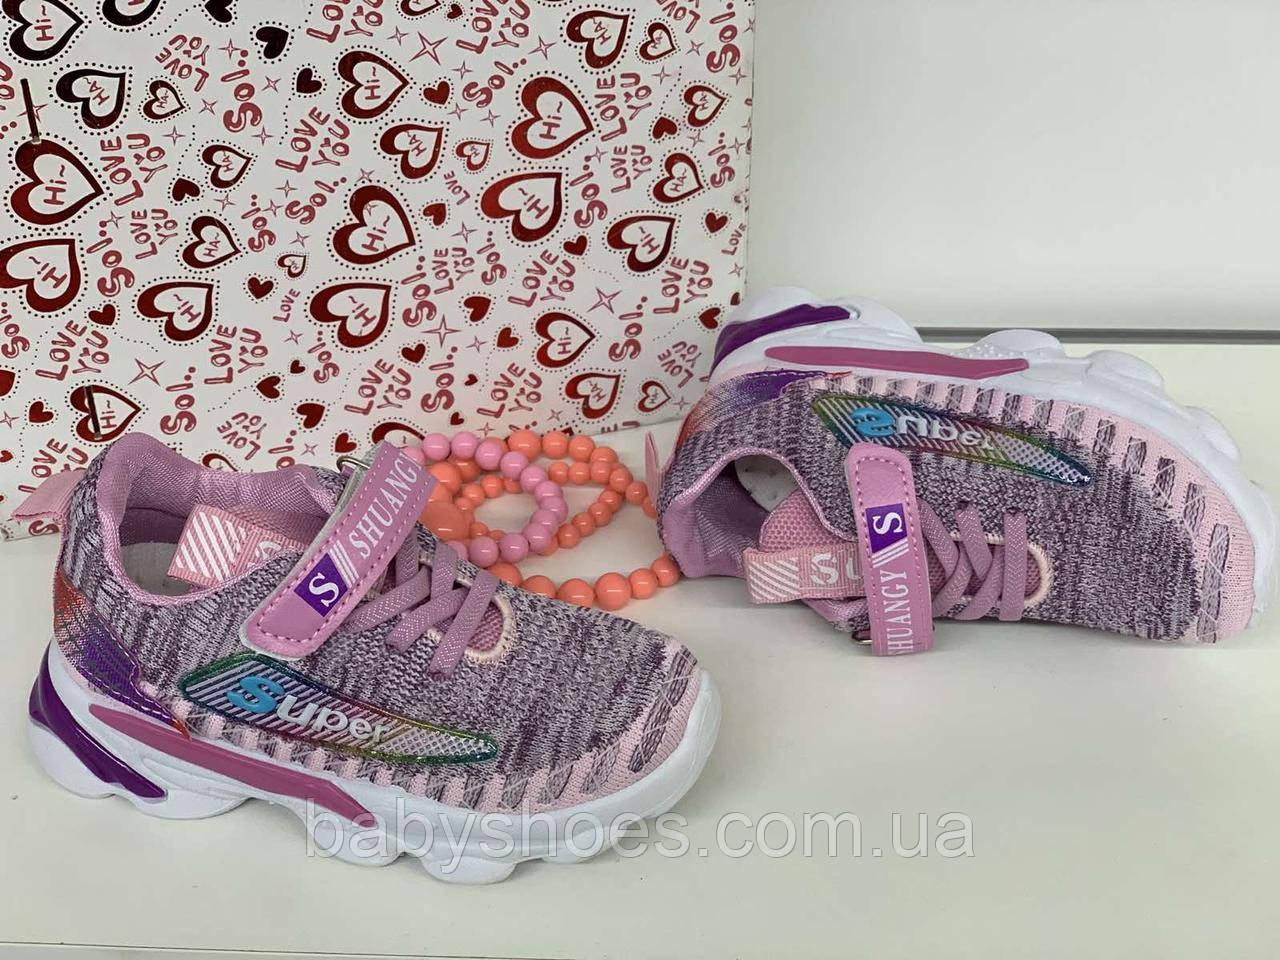 Кроссовки для девочки Shuangy  р.28-33  КД-505